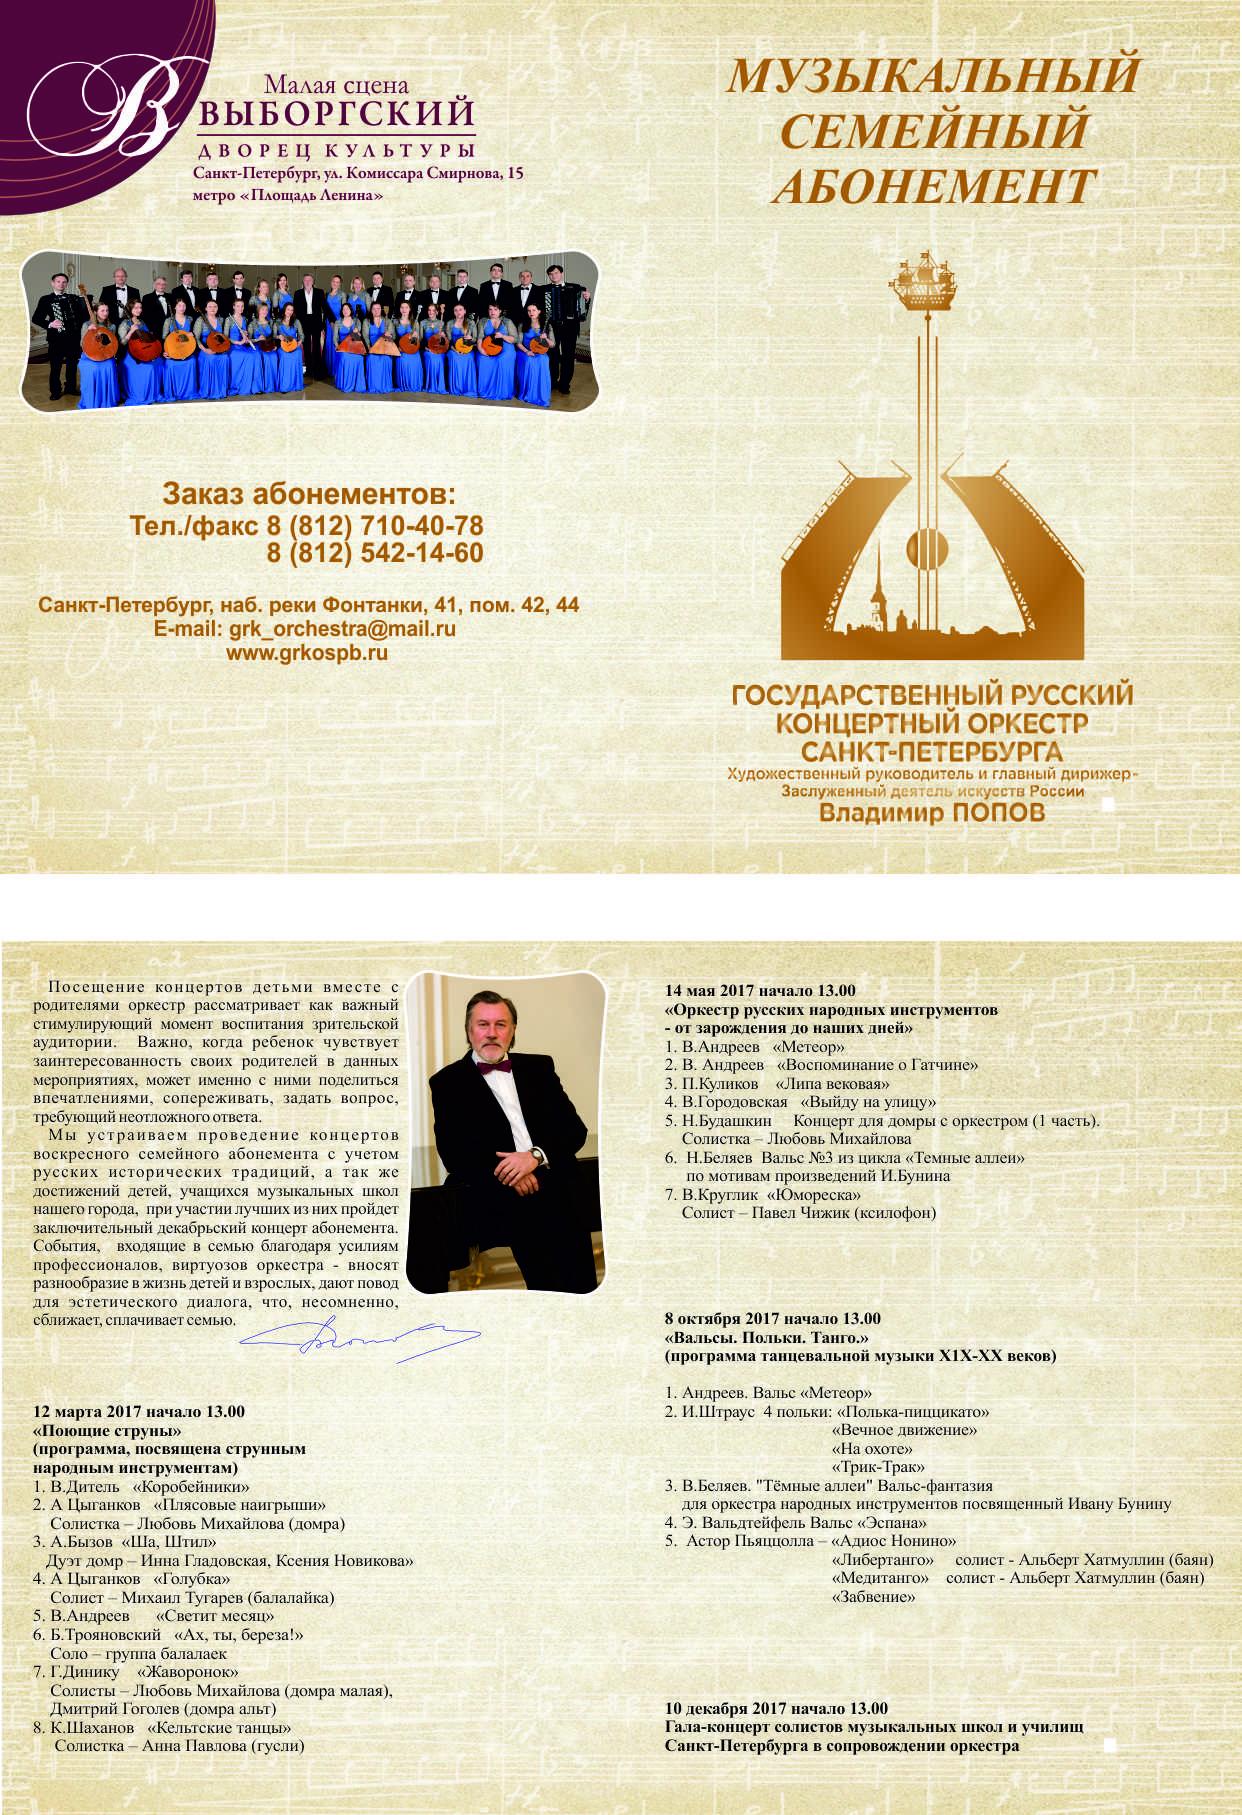 Государственный Русский концертный оркестр Санкт-Петербурга. Музыкальный семейный абонемент 2017